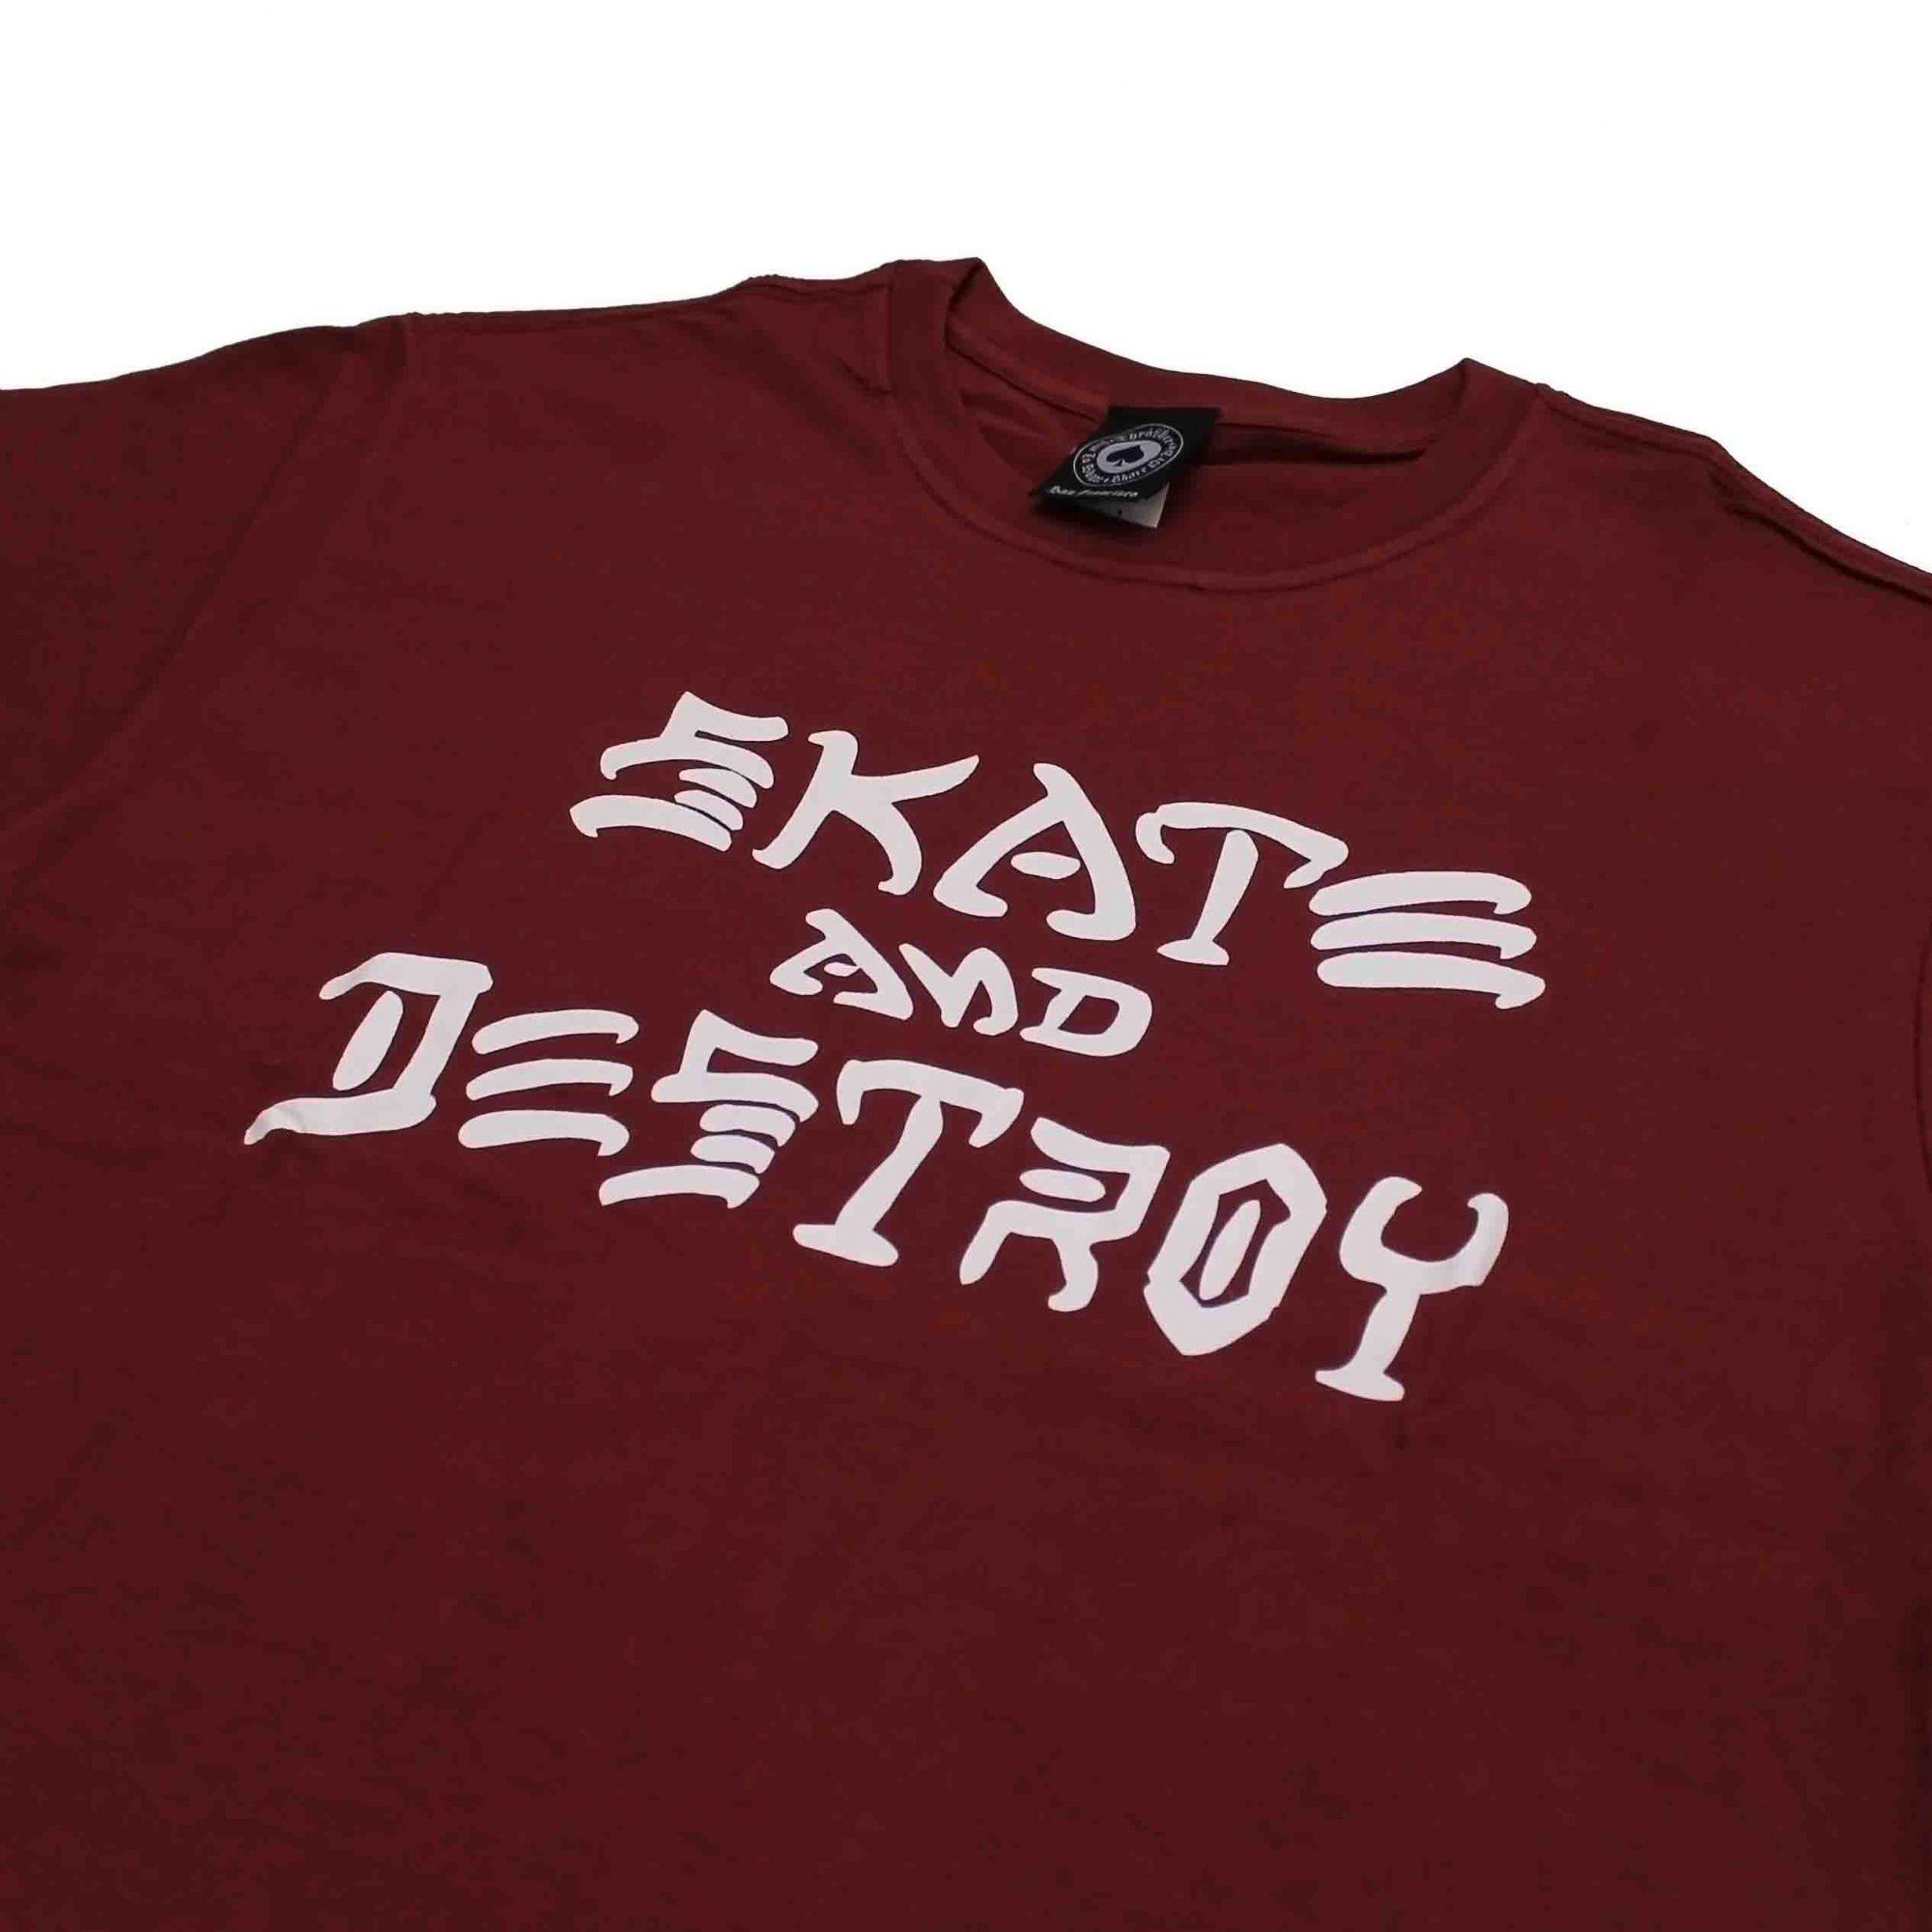 Camiseta Thrasher Magazine Skate and Destroy - Vinho